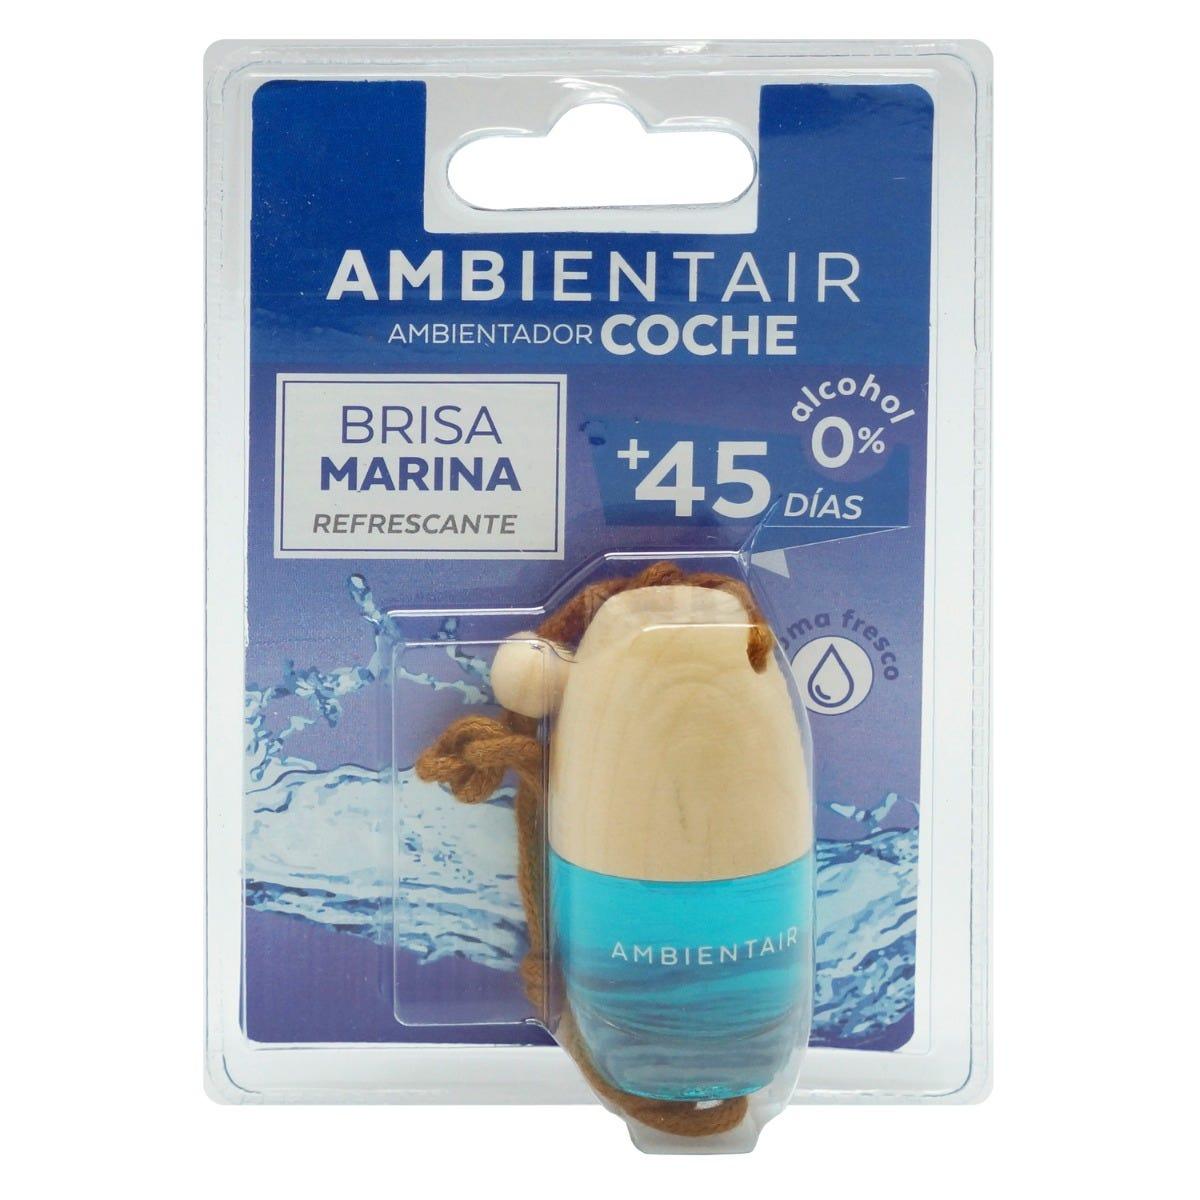 Aromatizante para carro Ambient Air® aroma océano 6 mL